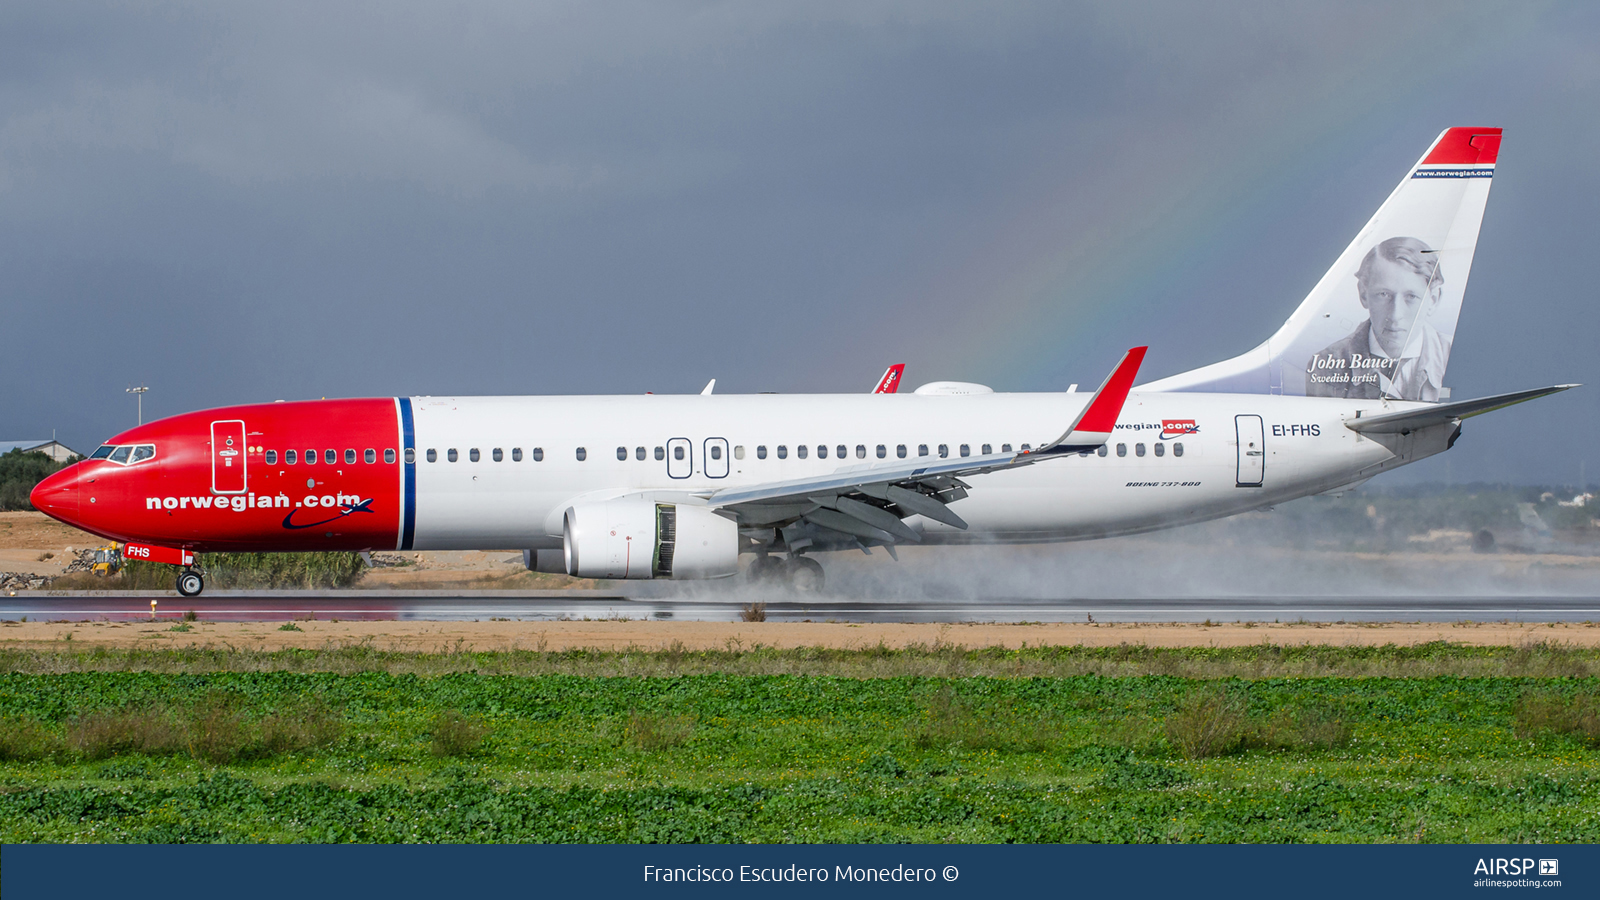 NorwegianBoeing 737-800EI-FHS